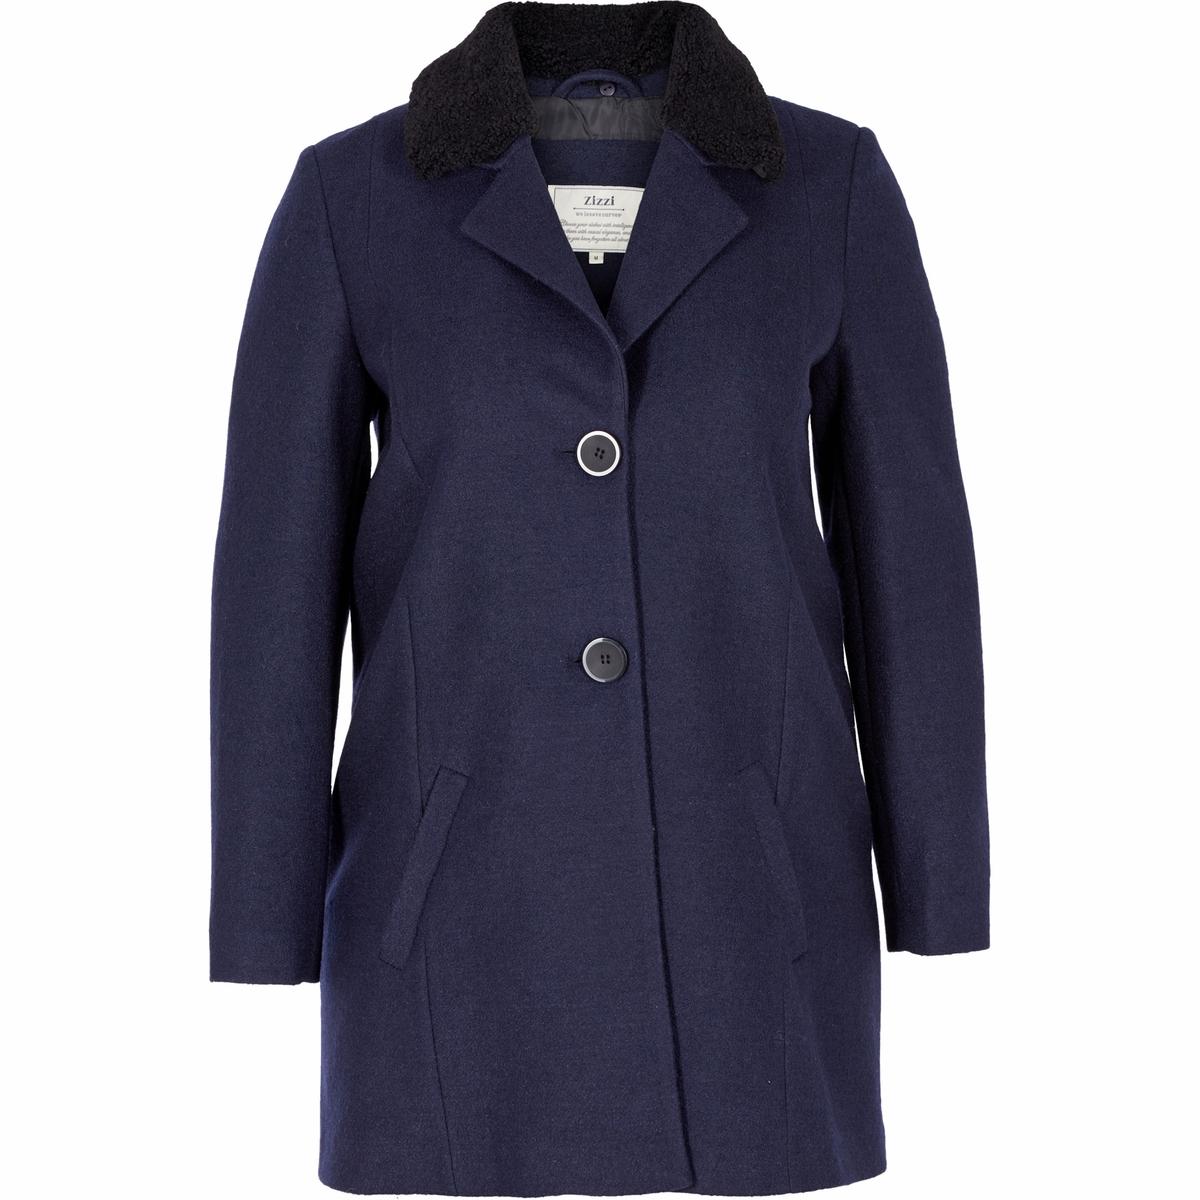 Пальто, 50% шерстиКосые карманы в боковых швах придают пальто одновременно классический и элегантный стиль. Съемный воротник.Состав и описаниеМатериал:  70% полиэстера, 30% шерстиМарка: ZIZZI<br><br>Цвет: темно-синий<br>Размер: 42 (FR) - 48 (RUS).44 (FR) - 50 (RUS)